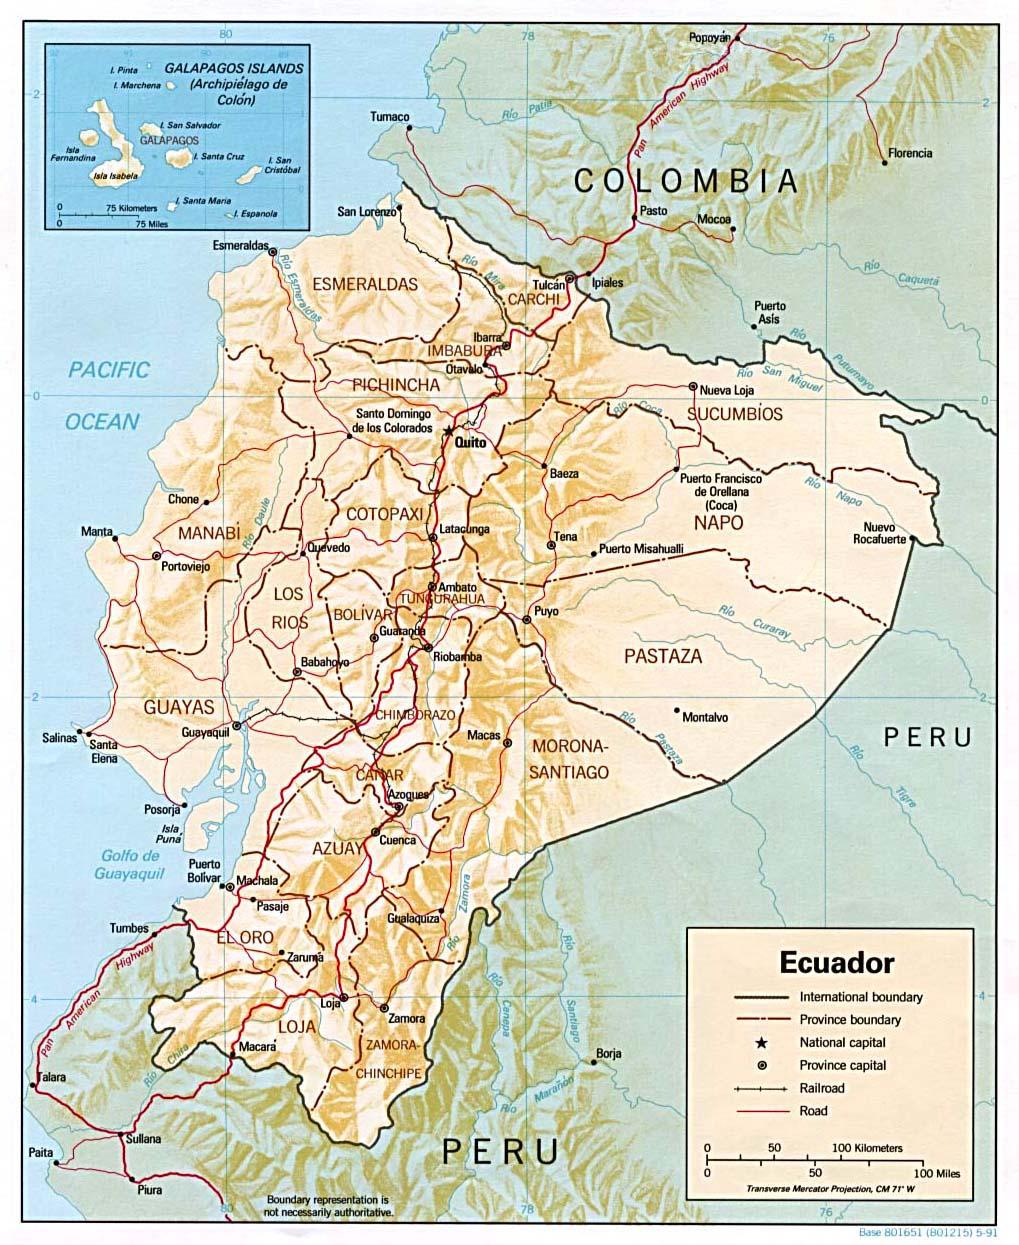 mapa_ecuador.jpg Mapa de Ecuador Online